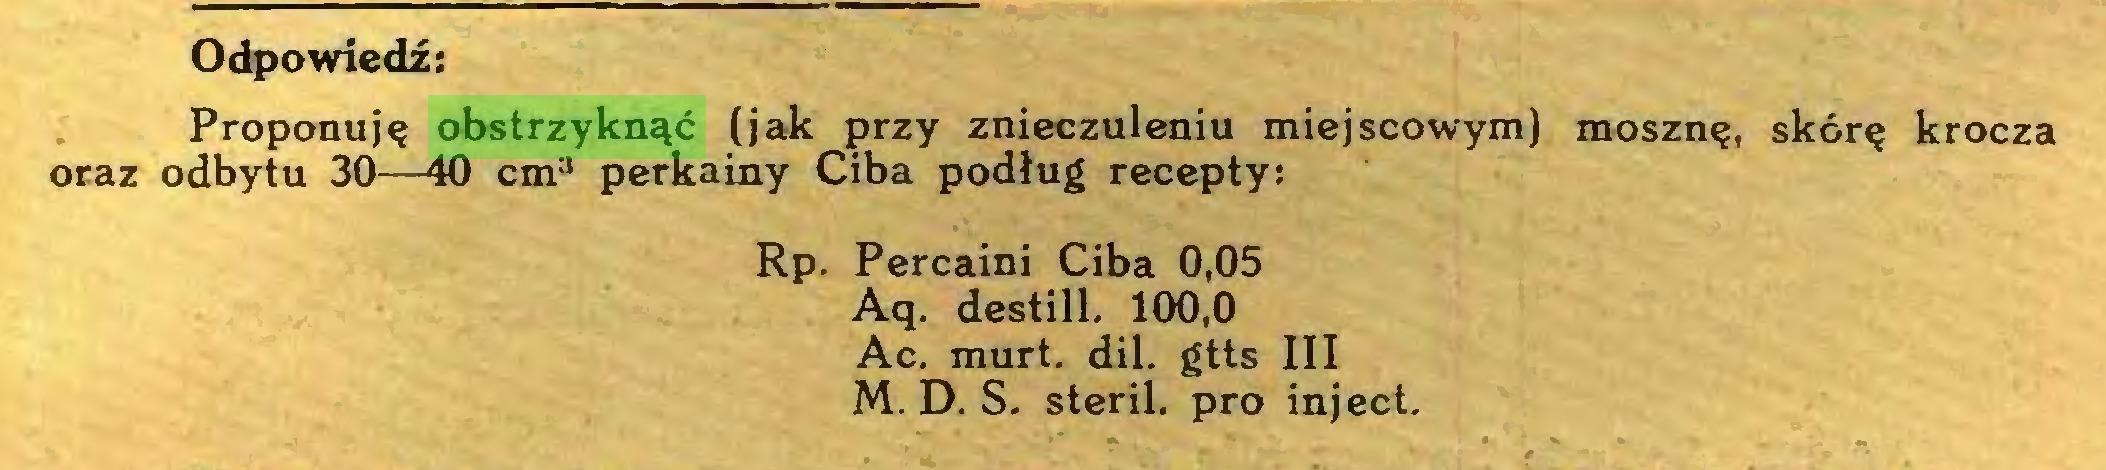 (...) Odpowiedź: Proponuję obstrzyknąć (jak przy znieczuleniu miejscowym) mosznę, skórę krocza oraz odbytu 30—40 cm3 perkainy Ciba podług recepty: Rp. Percaini Ciba 0,05 Aq. destill. 100,0 Ac. murt. dii. gtts III M. D. S. steril. pro inject...